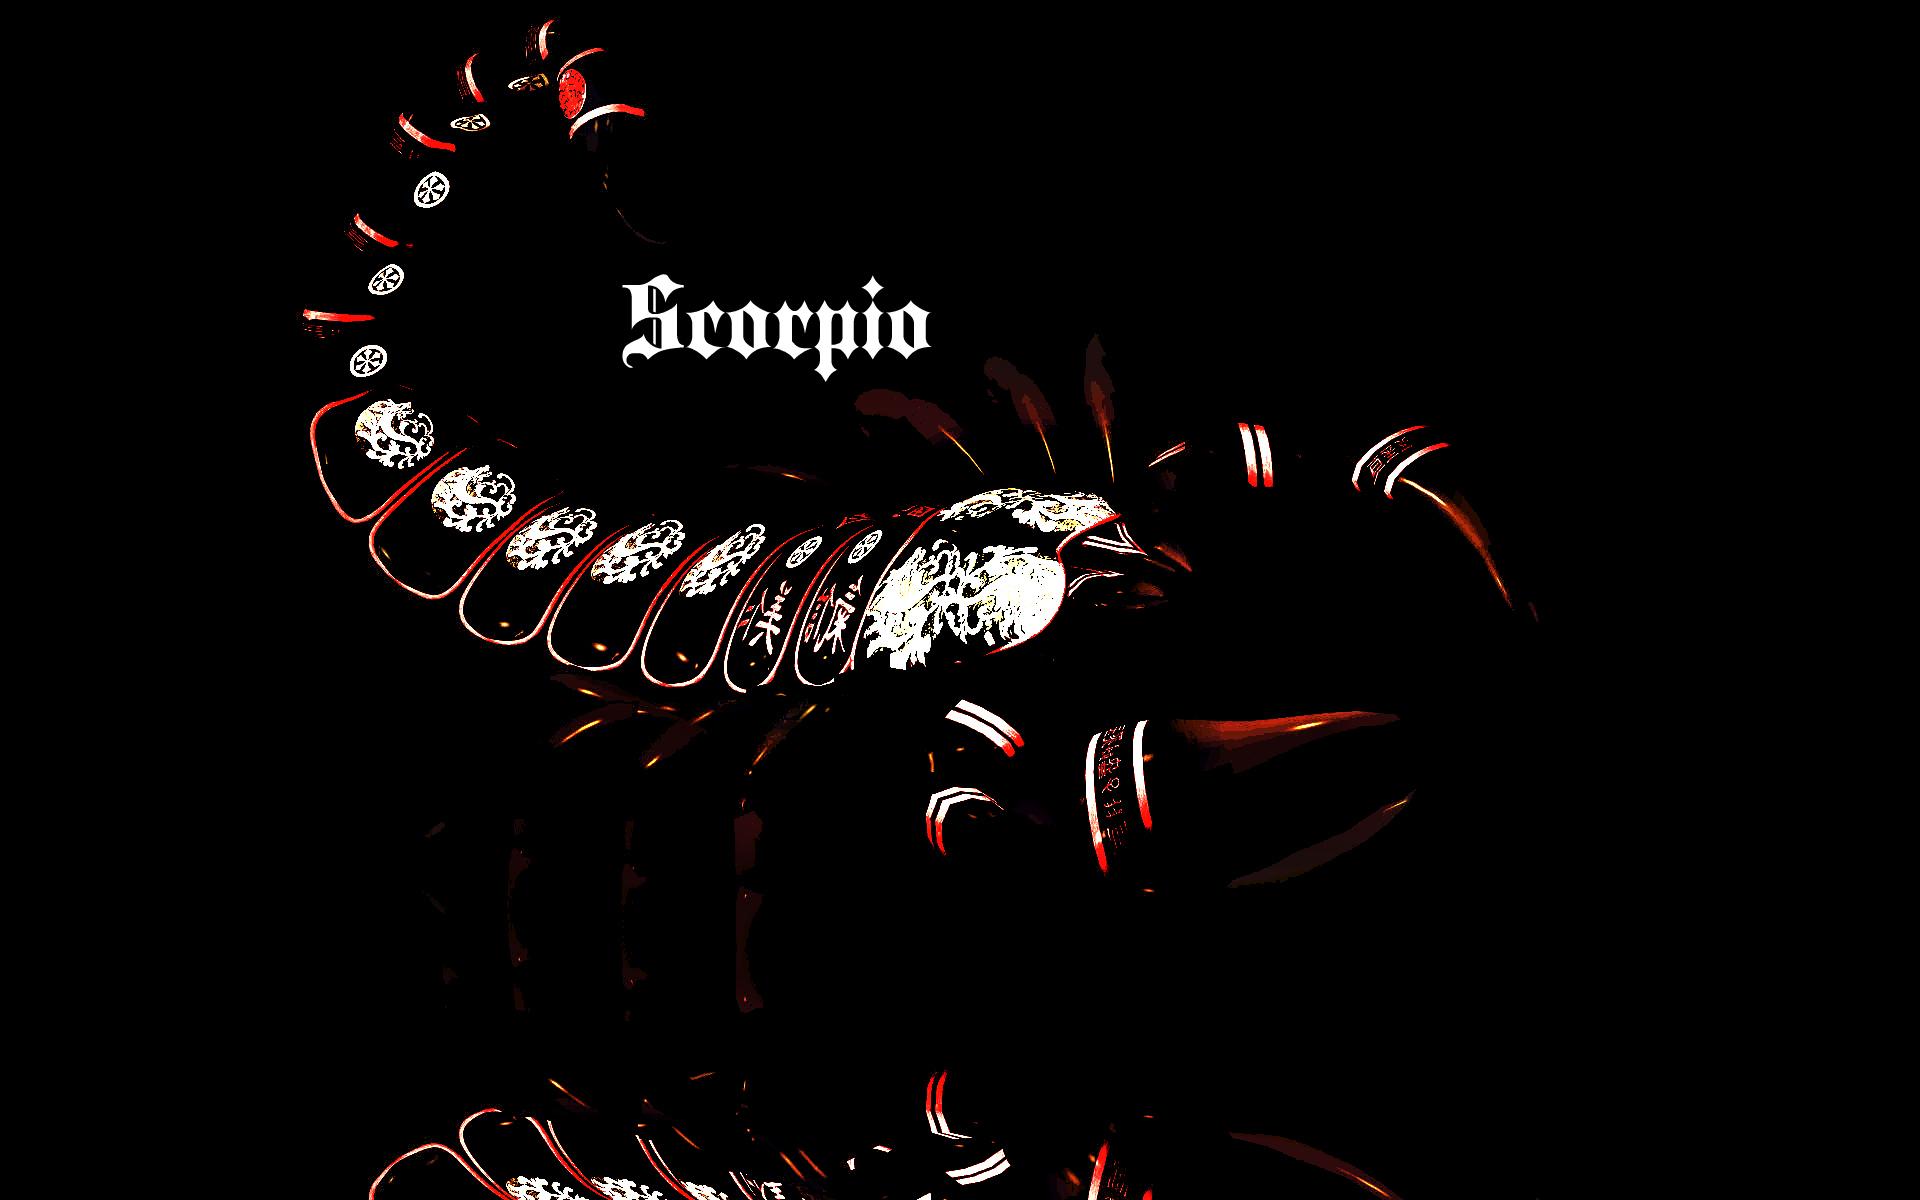 обои на телефон знаки зодиака скорпион сажание кол